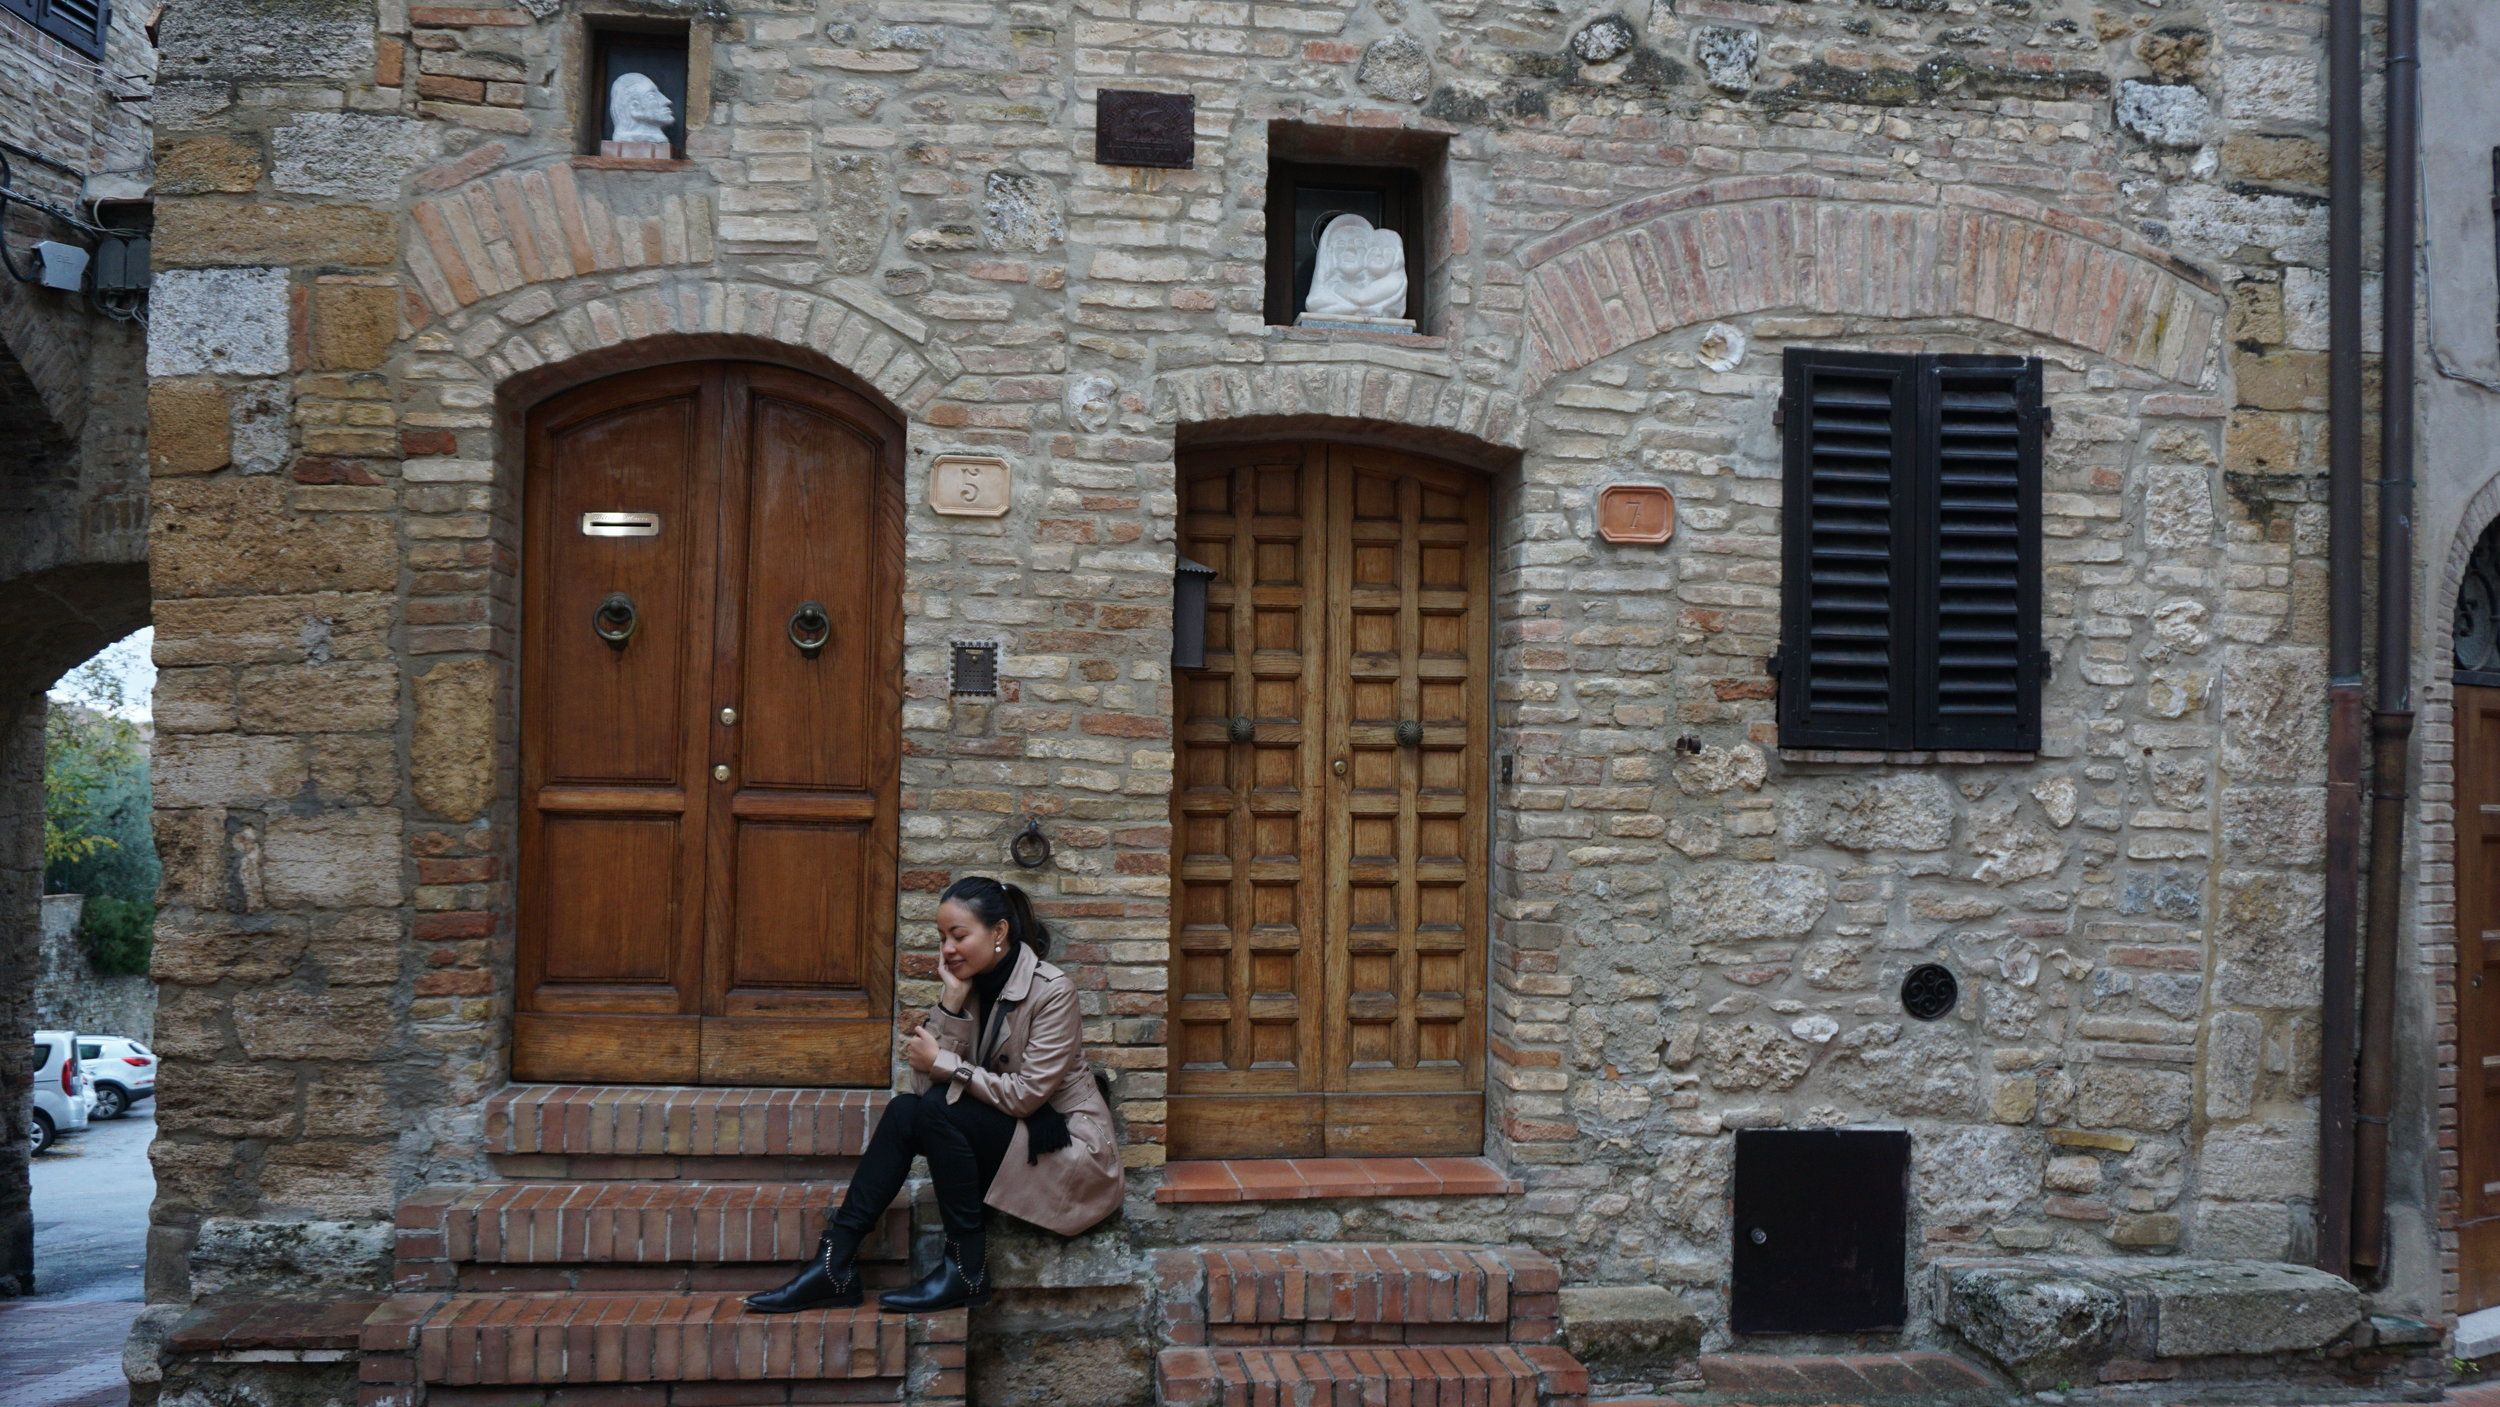 In San Gimignano wearing my official fall outfit  na kumakapal at nag-iiba-iba lang ang  inner :p